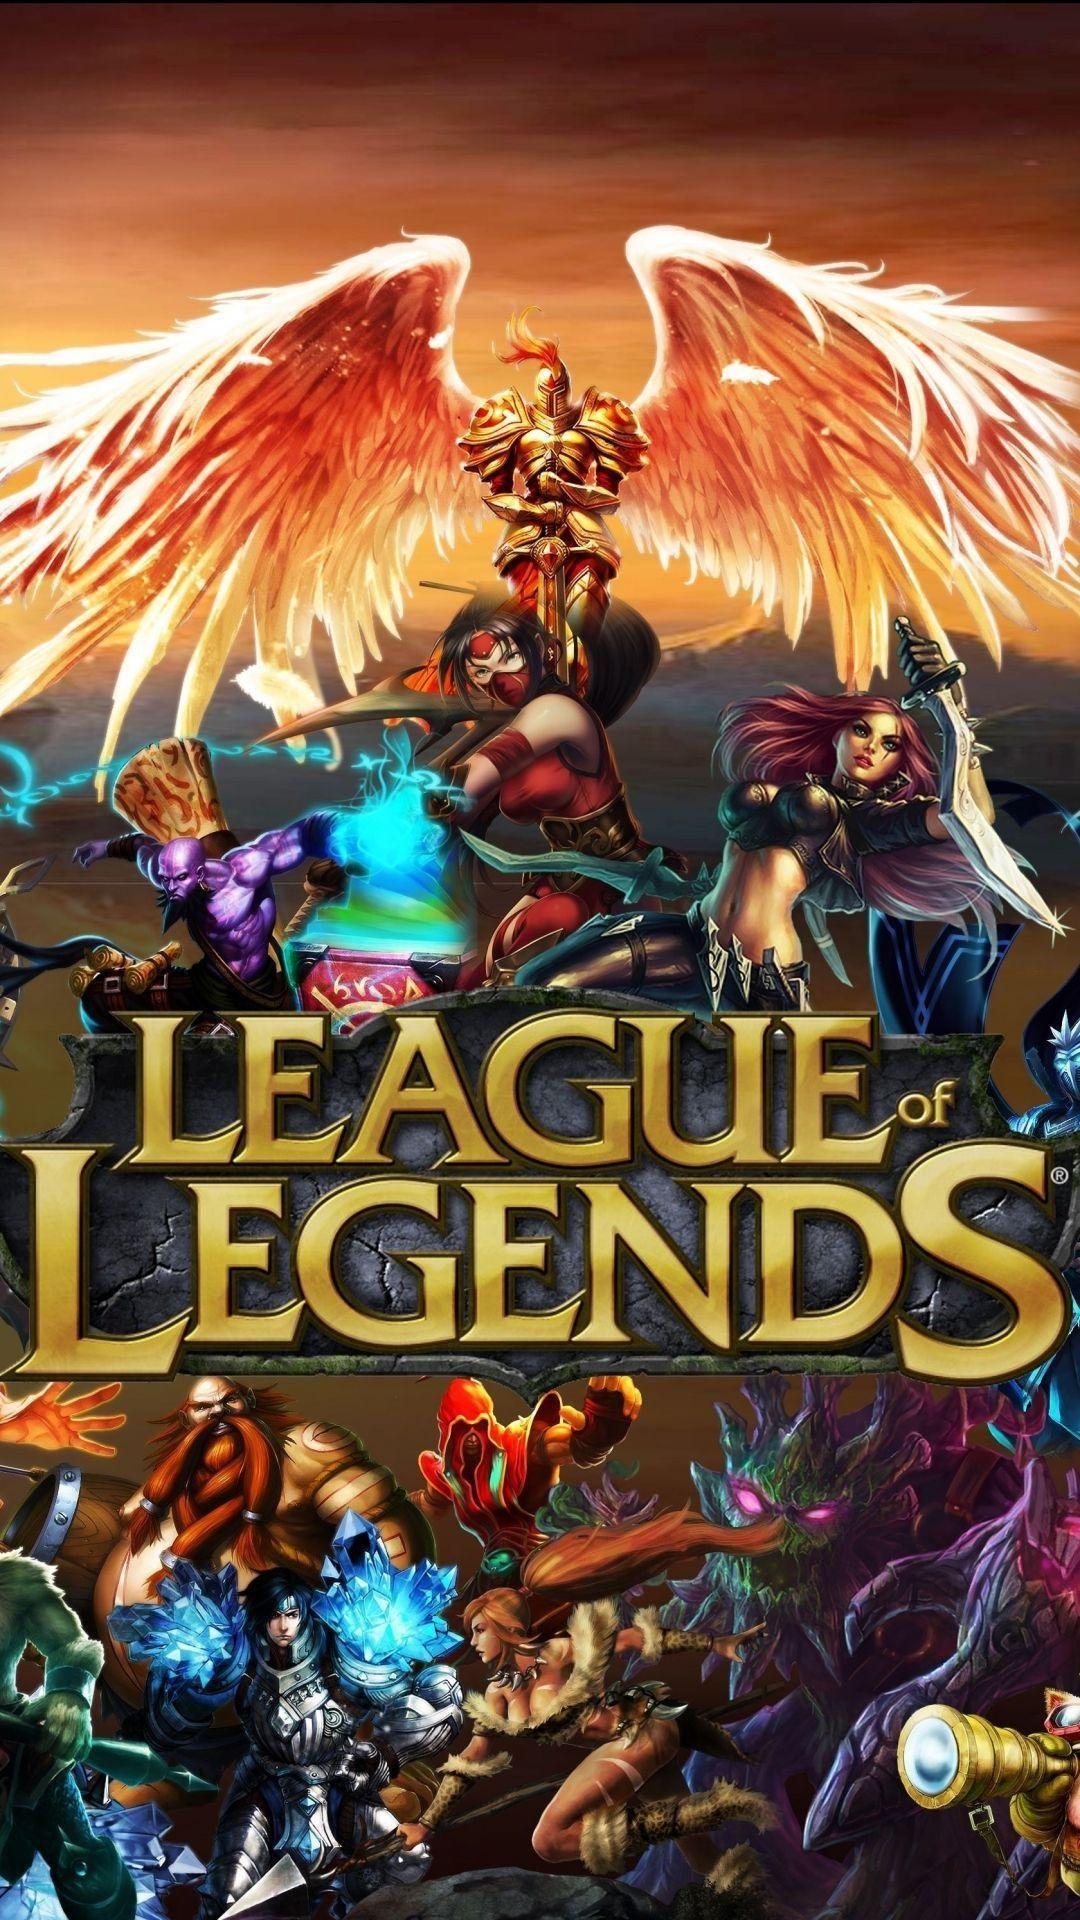 Mobile Legends Hd Wallpaper Portrait Mobile Legend Wallpaper Iphone Wallpaper League Of Legends